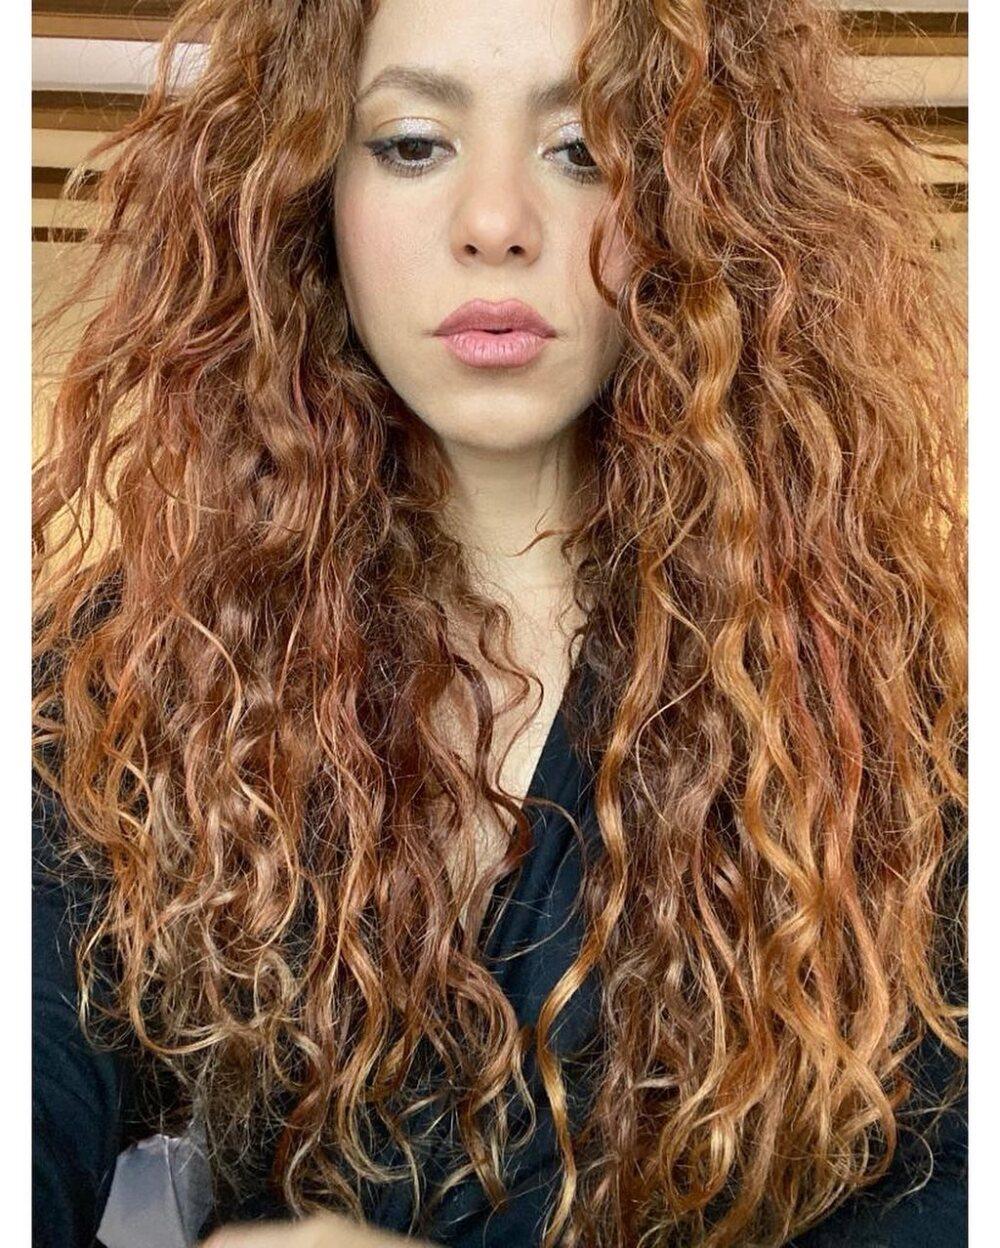 Imitador de Shakira se vuelve viral en Tik Tok.